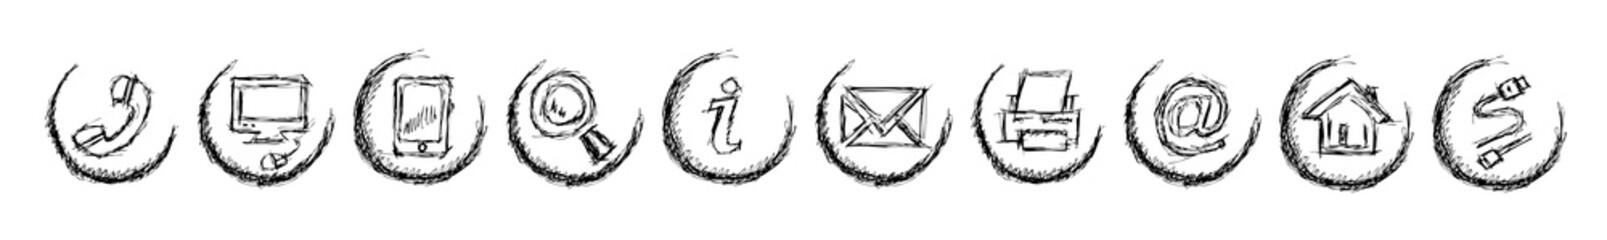 Symbole1311a